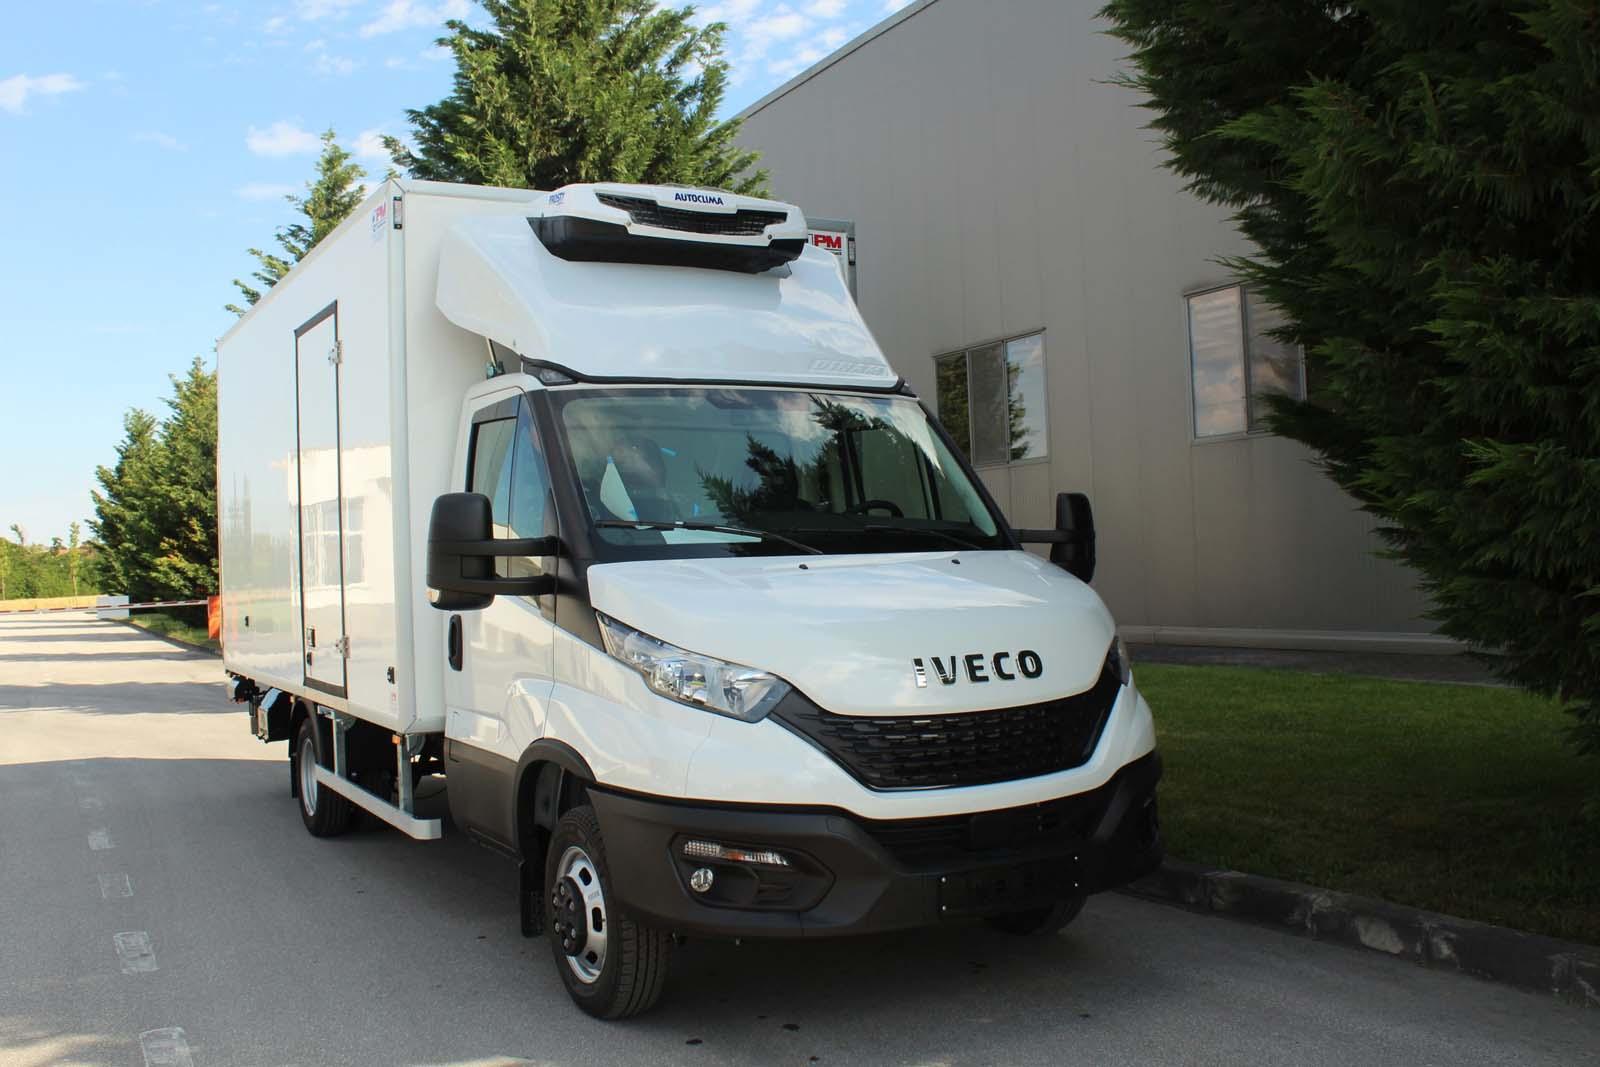 burgas-truck-service-upgrades-14